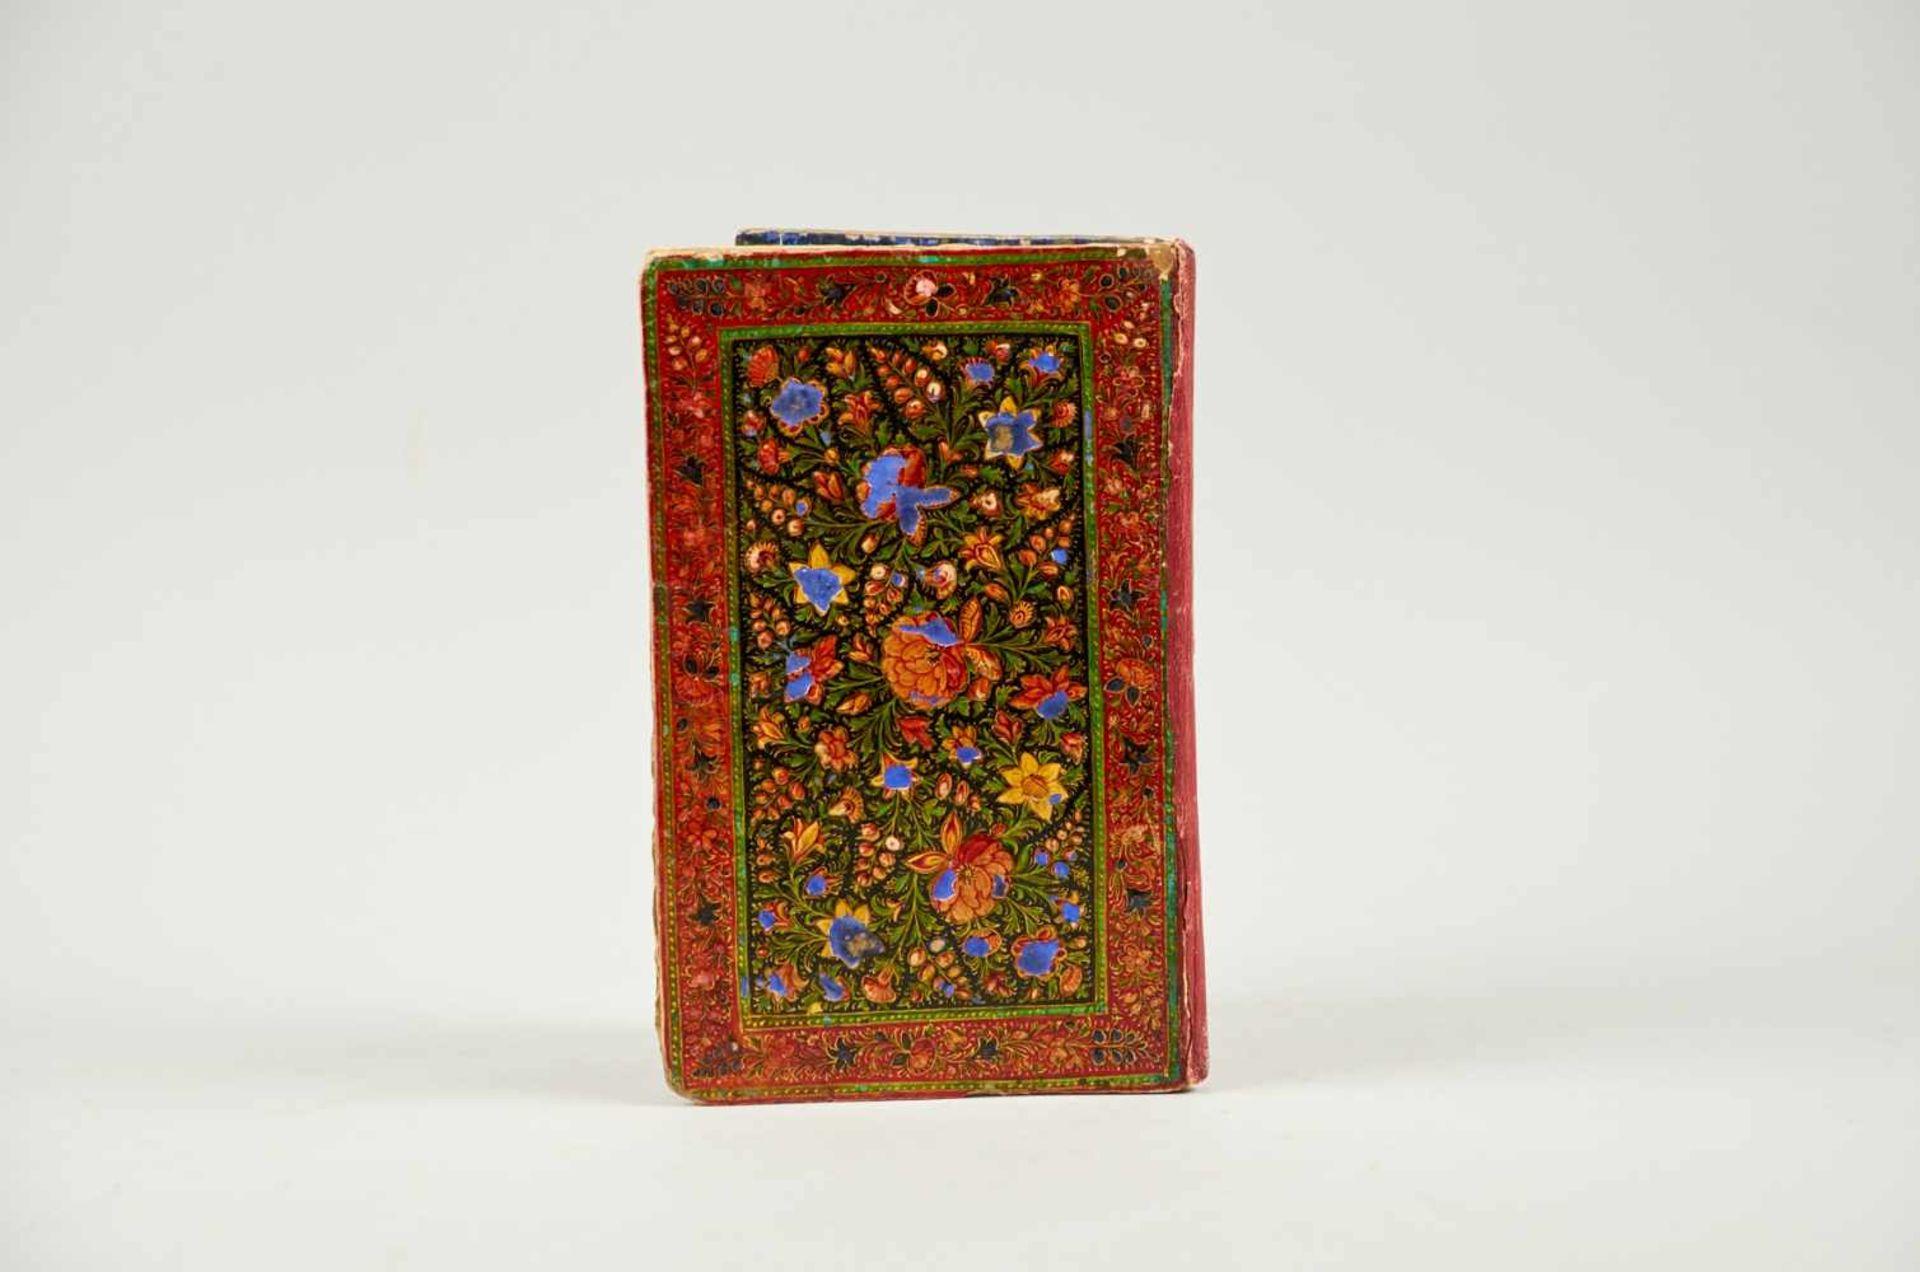 Koran- Surat Ya-Sin - Al-Fath - Al-Waqi'a - Al-Mulk - An-Naba. Fünf vollständige Koransuren mit